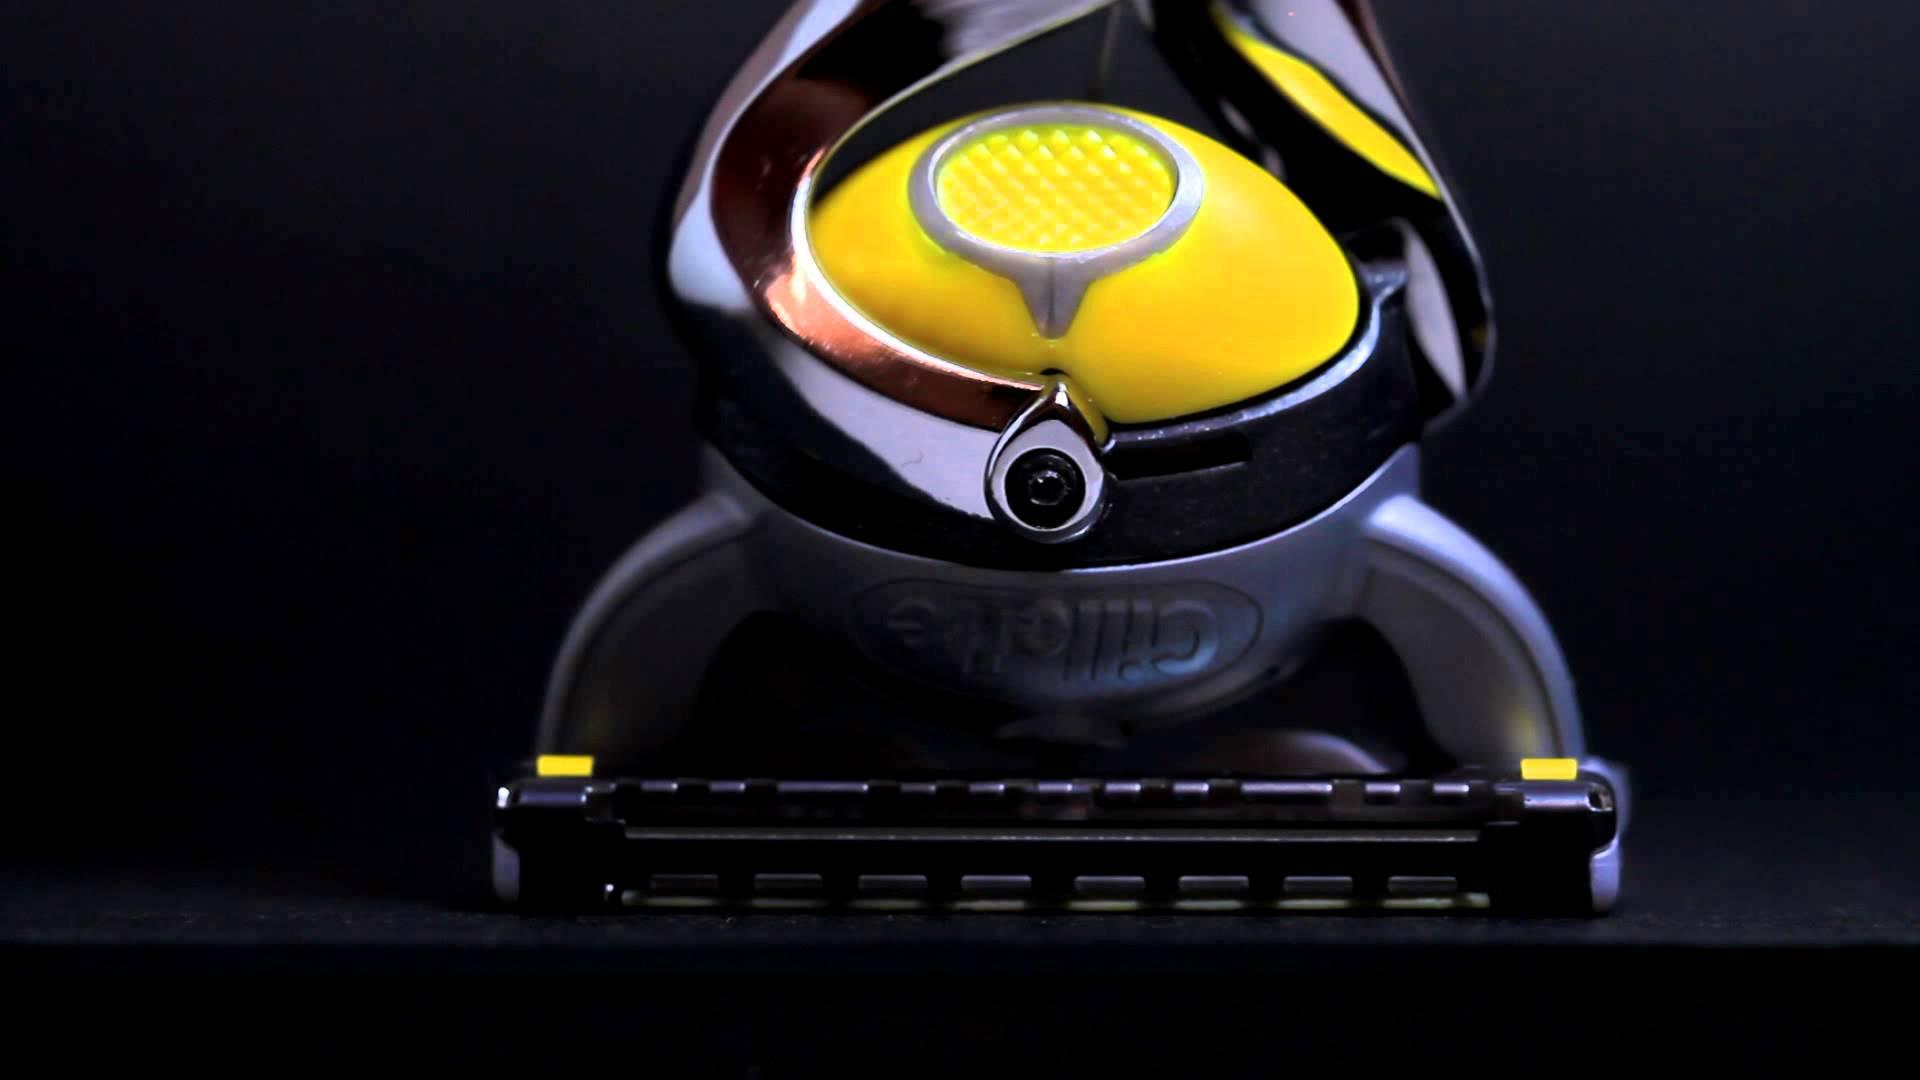 Gillette Hd Desktop 1920x1080